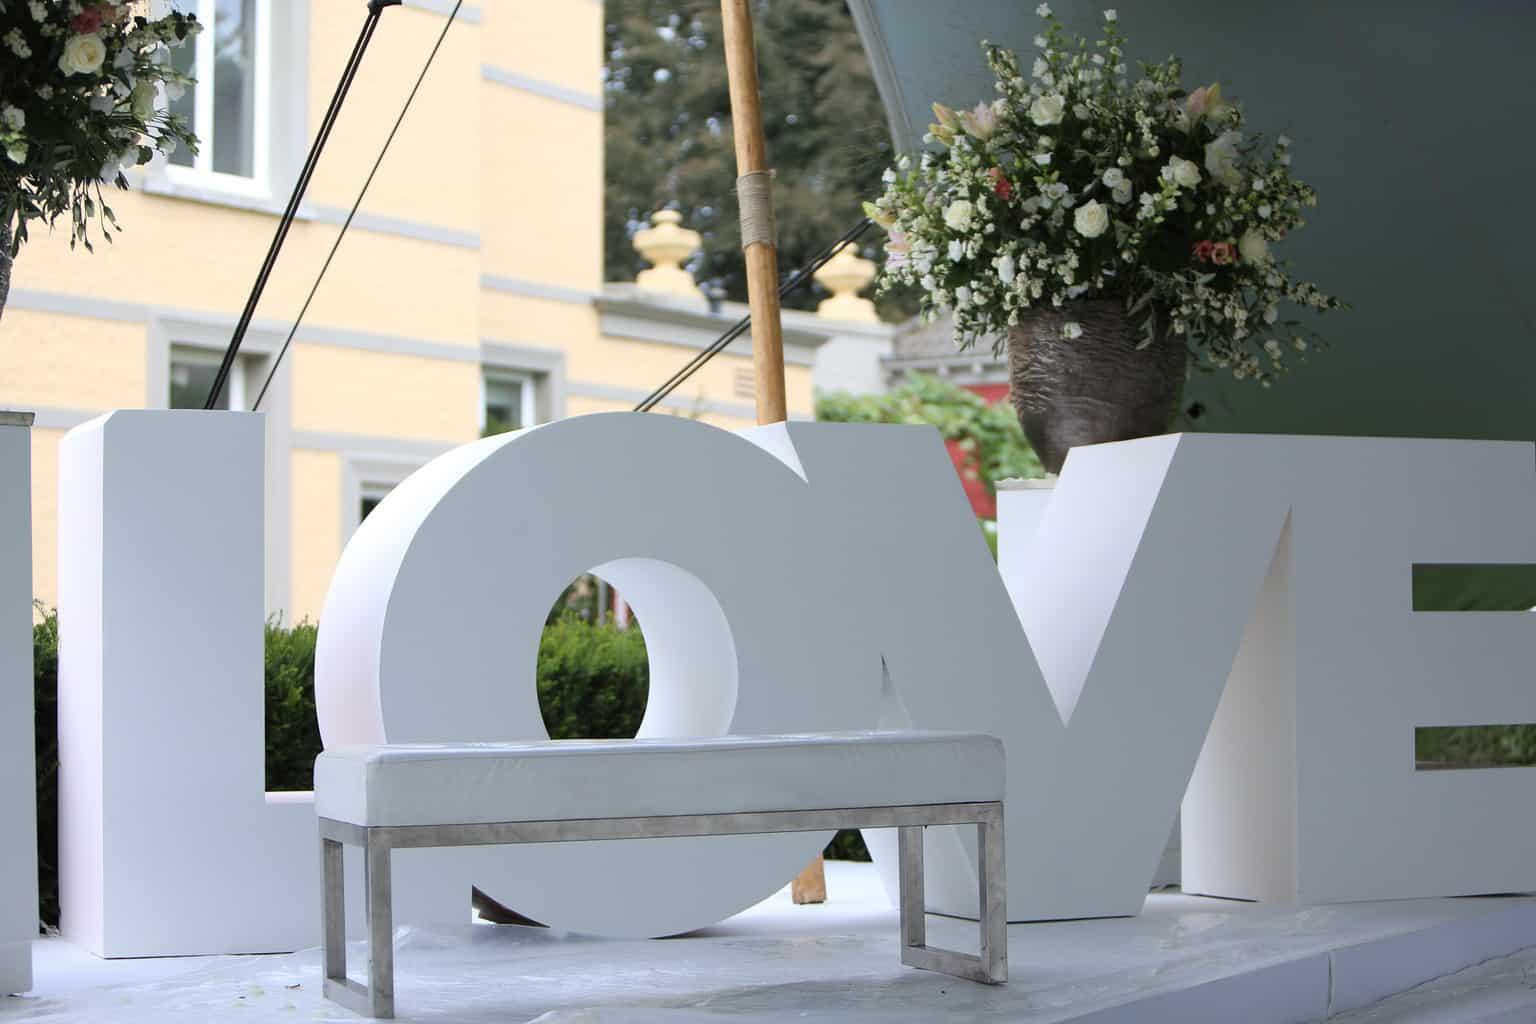 LOVE,De loper voor de bruid, Langste loper voor de bruid,Welkom diner in de tent van Kasteel de Hoogenweerth,Loungen in een tent op je huwelijk, trouwen, bruiloft regelen, wedding en planning, weddingplanner